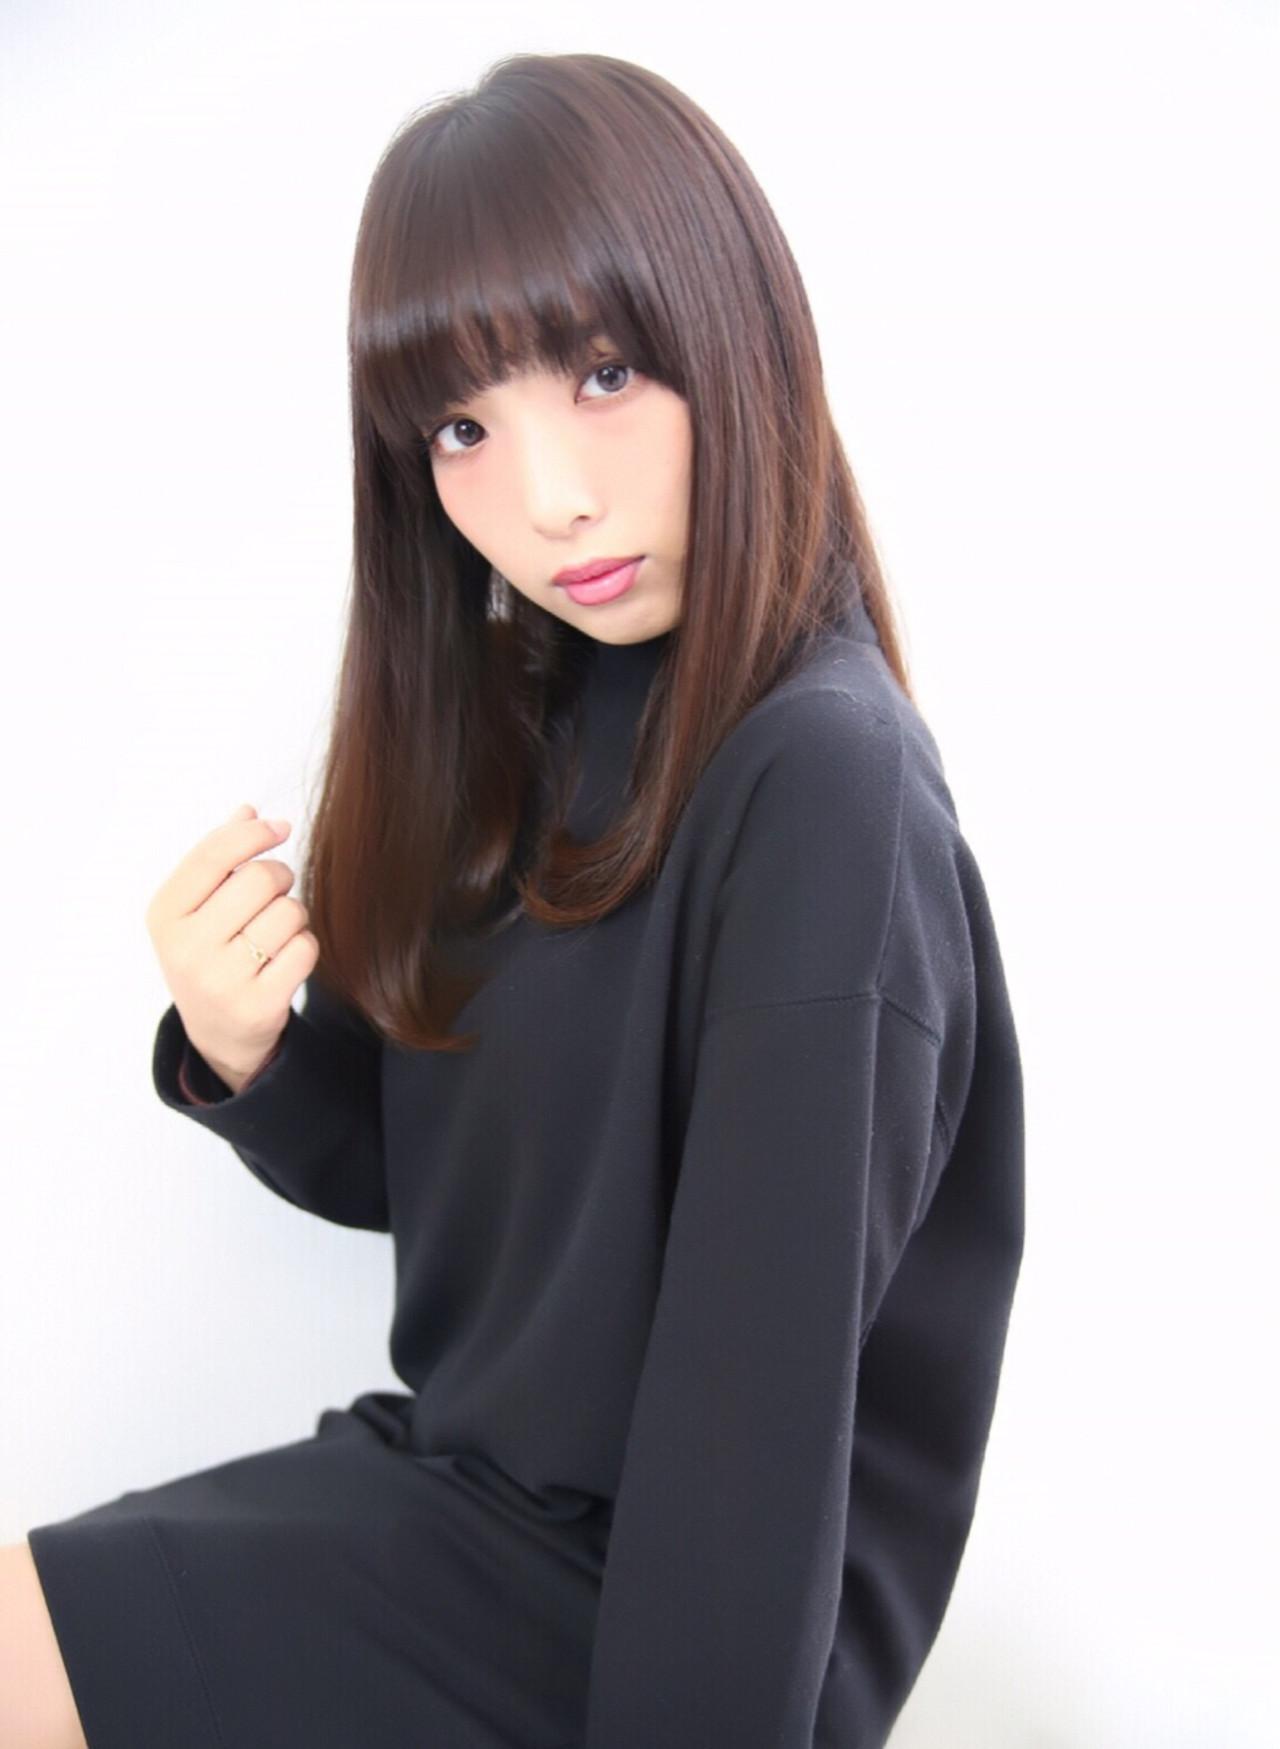 シシド・カフカ風☆個性的な黒髪ロングにチャレンジ Obayashi Natsumi